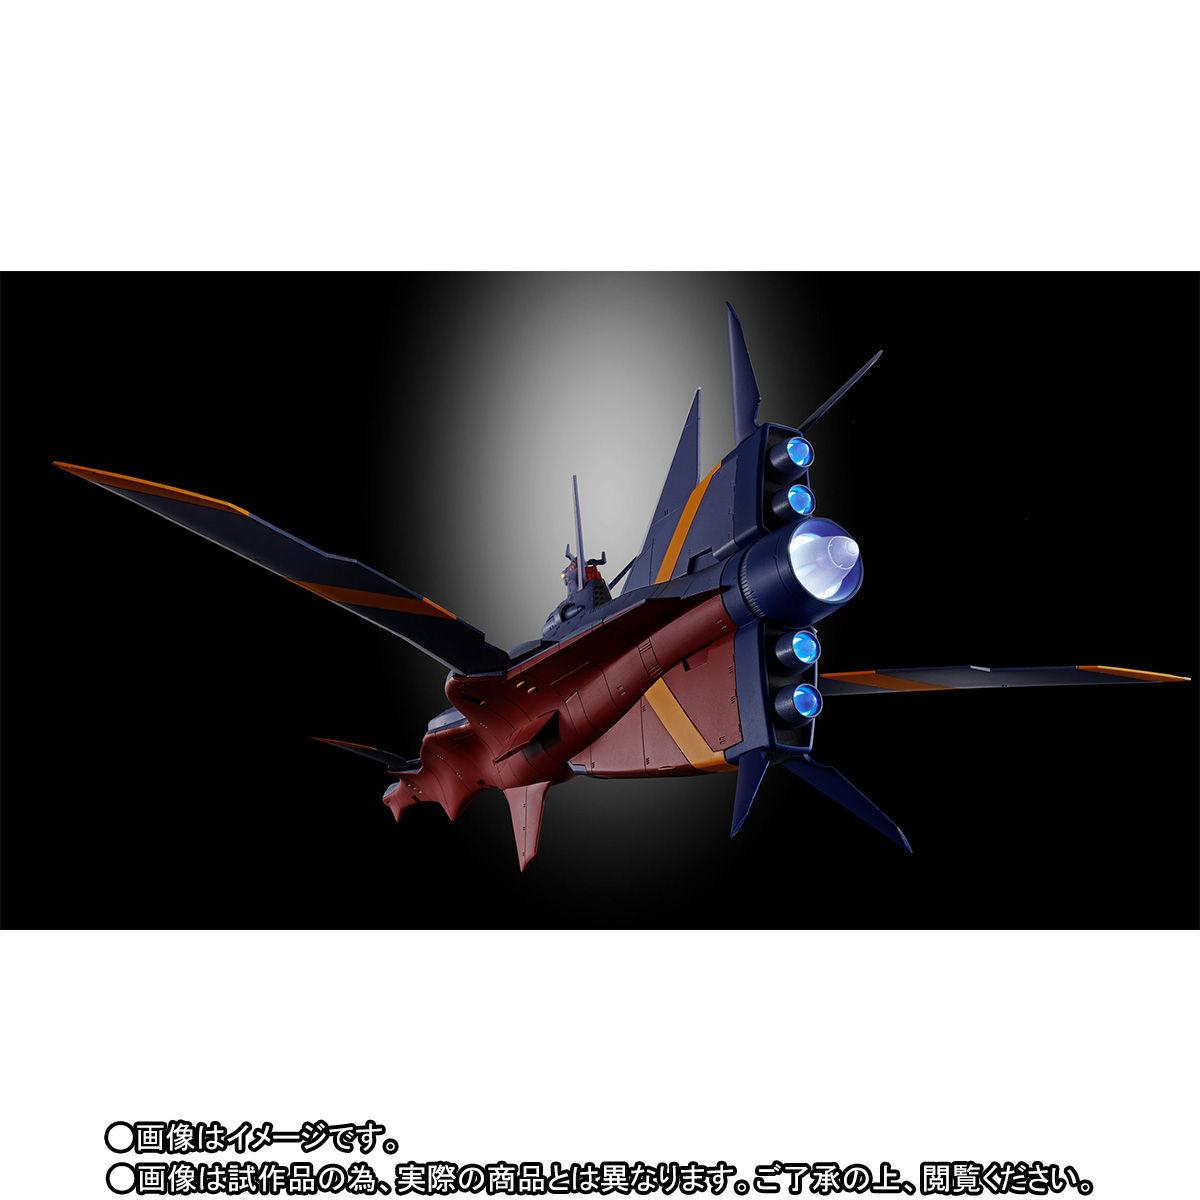 超合金魂 GX-80 万能戦艦 Ν-ノーチラス号(通常版)-003